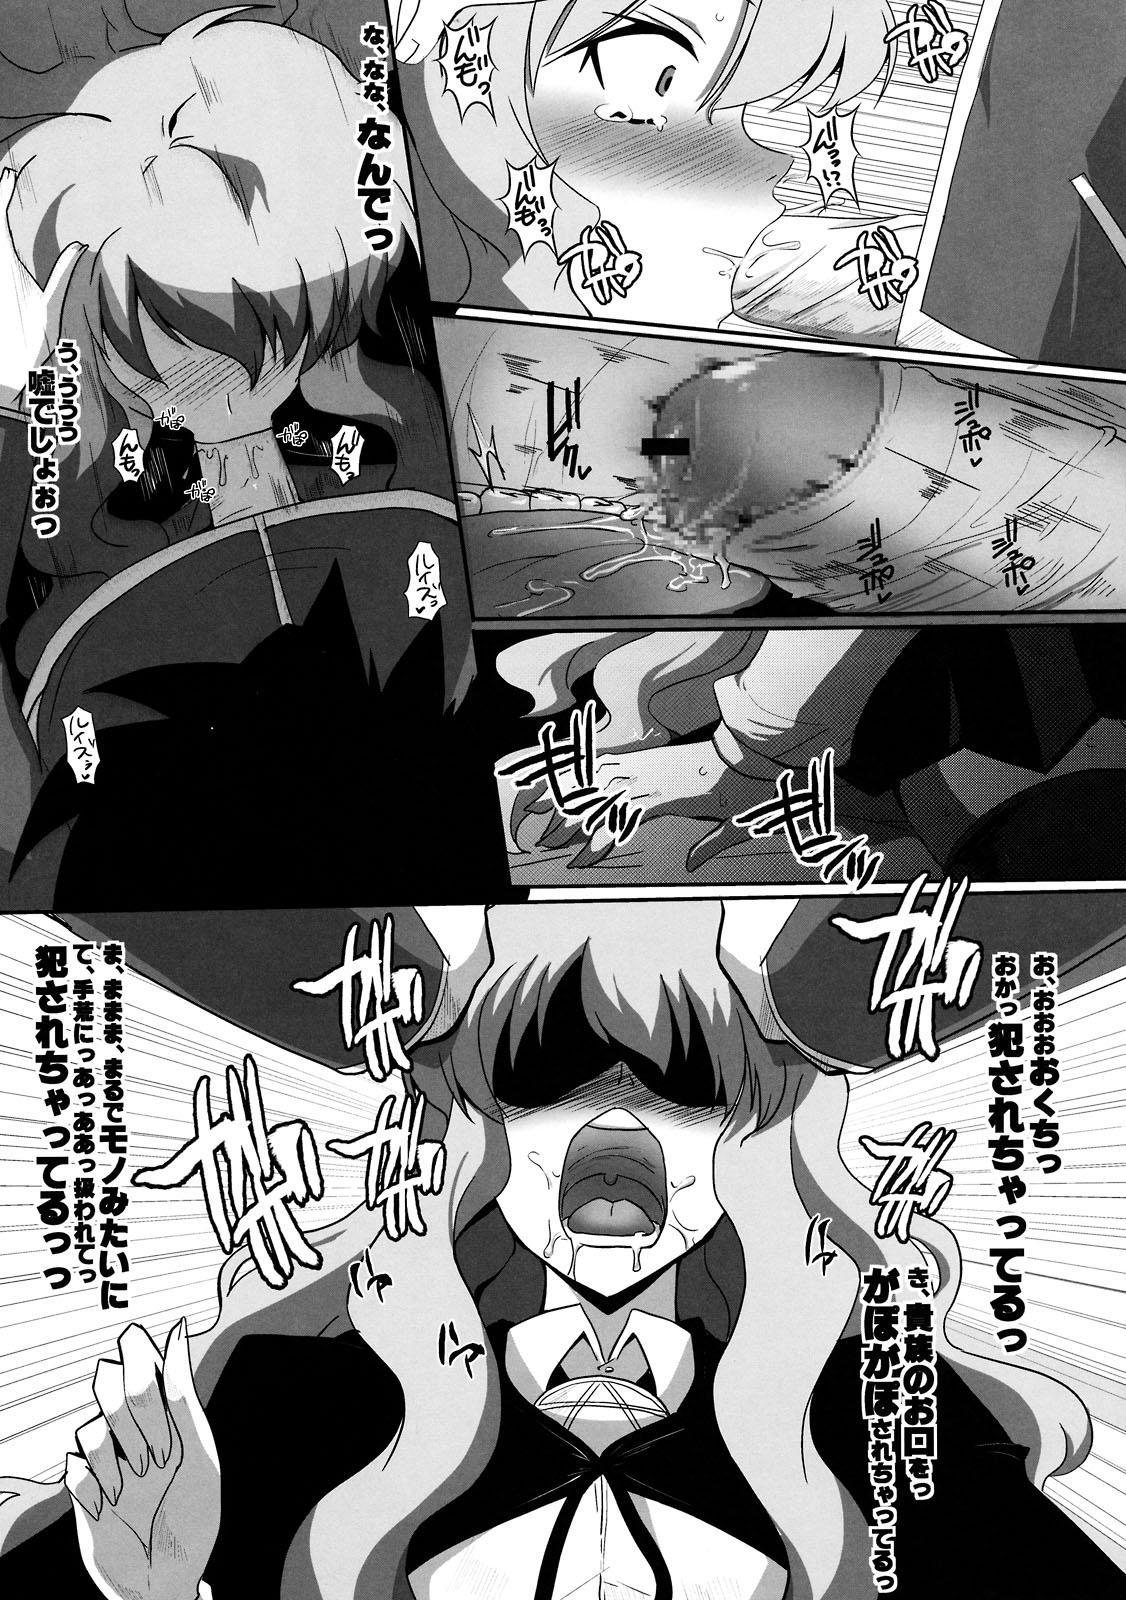 Kouda no Goshujin-sama 8